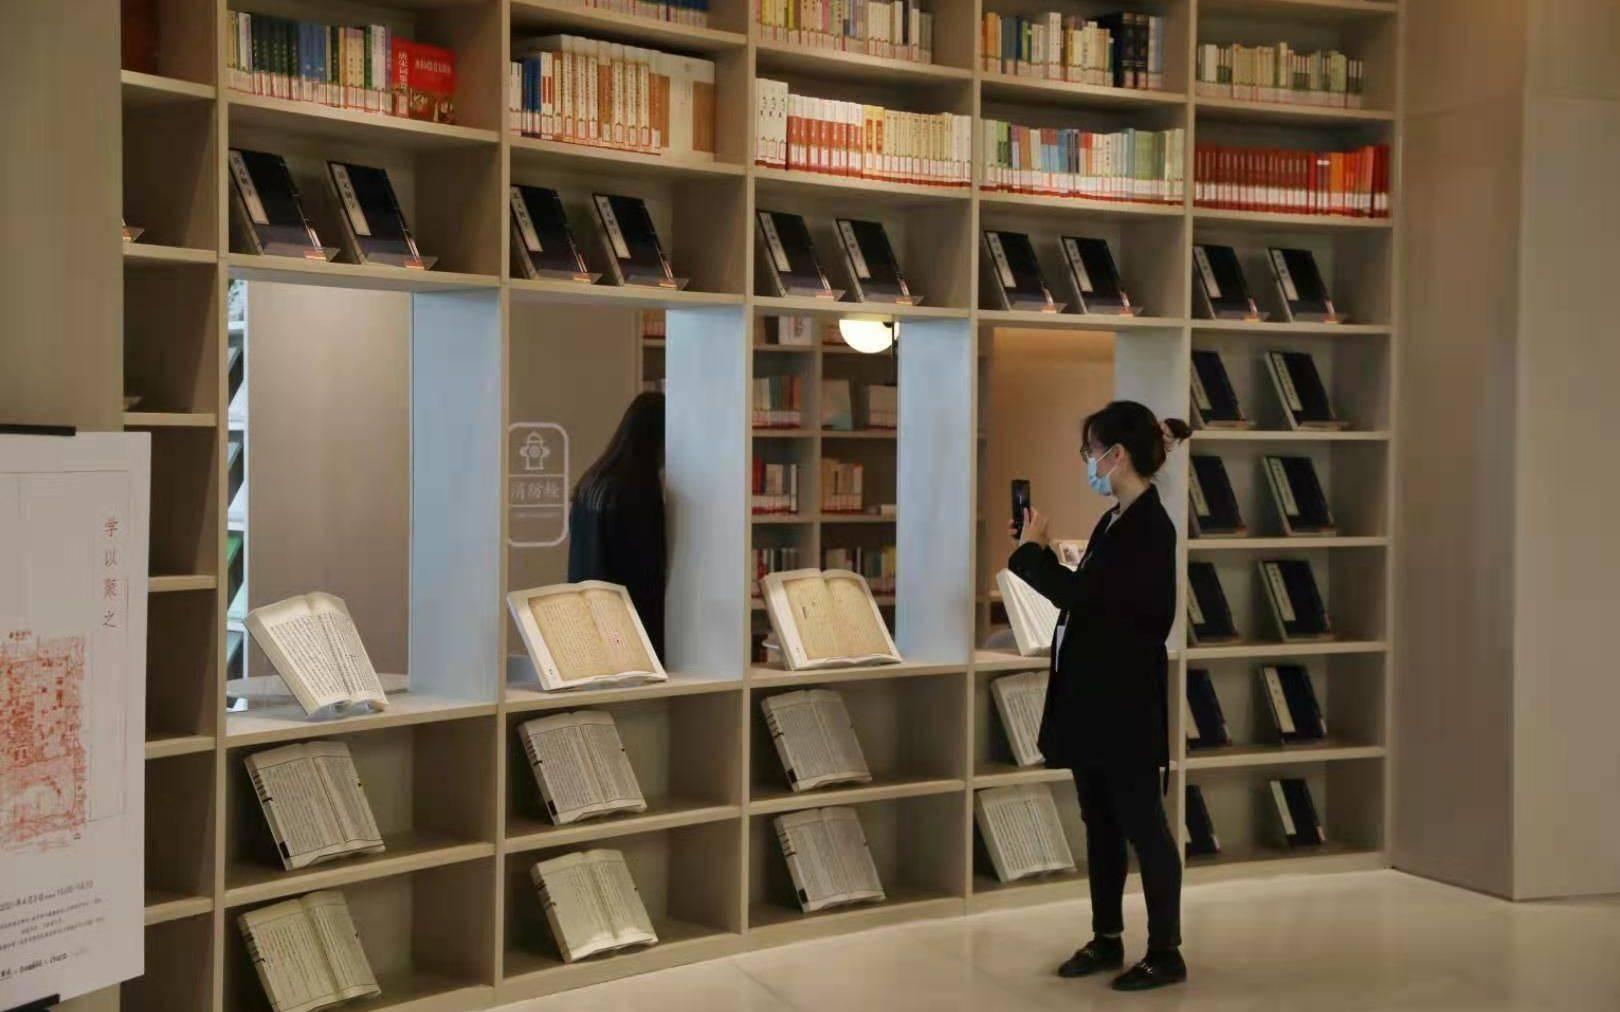 北京首家晓书馆在望京小街开馆3万册图书免费现场阅读插图1